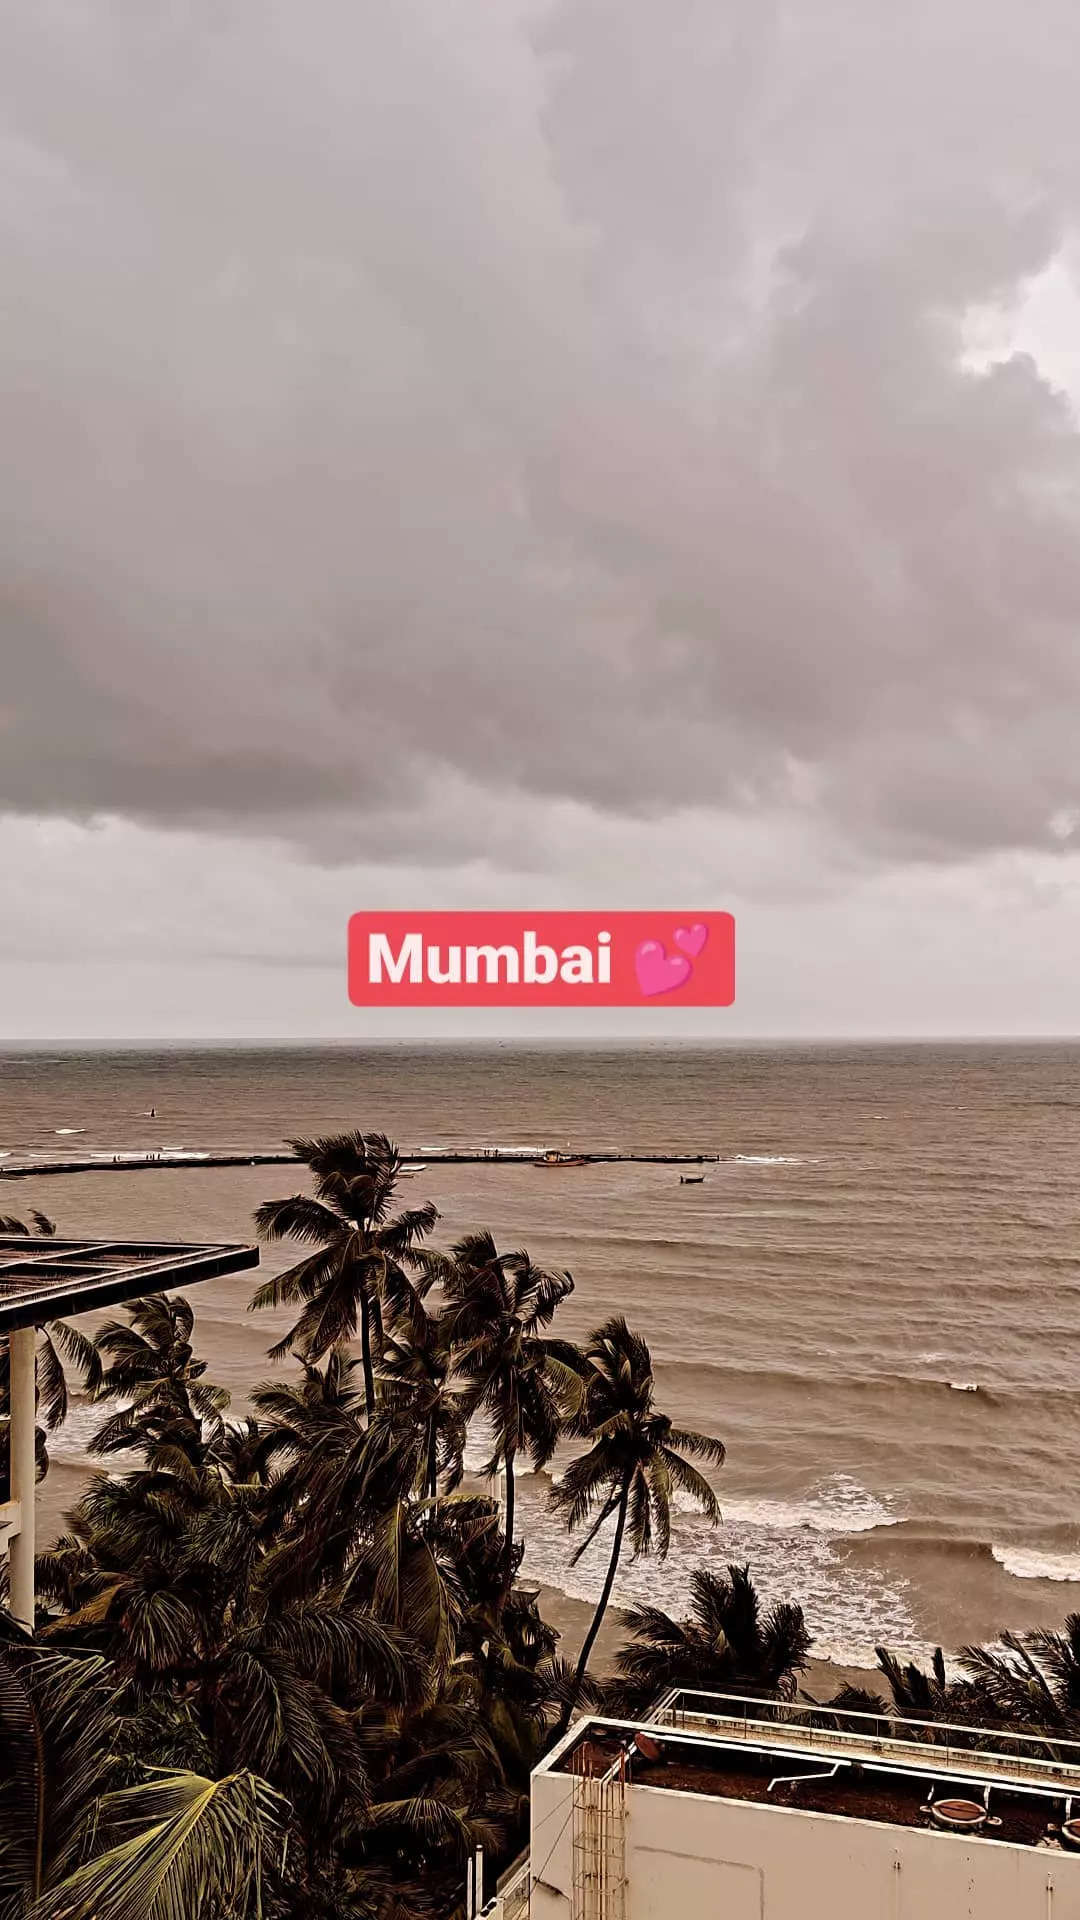 anushkasharma_242357592_397860605250401_2274476566229468981_n